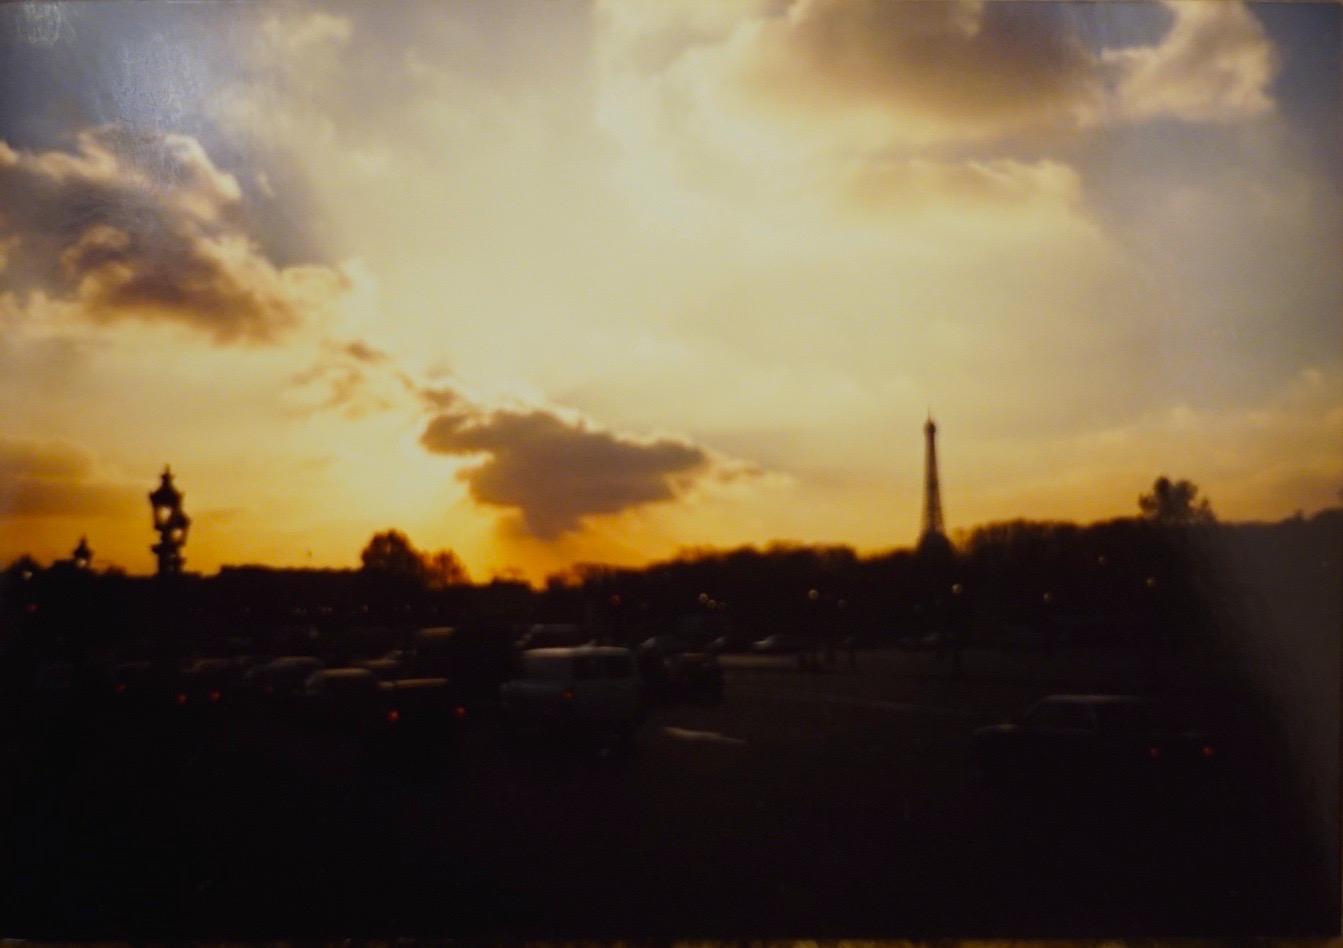 待望の秋のはじまりの音...そして巴黎の想ひ出_f0057849_2204698.jpg